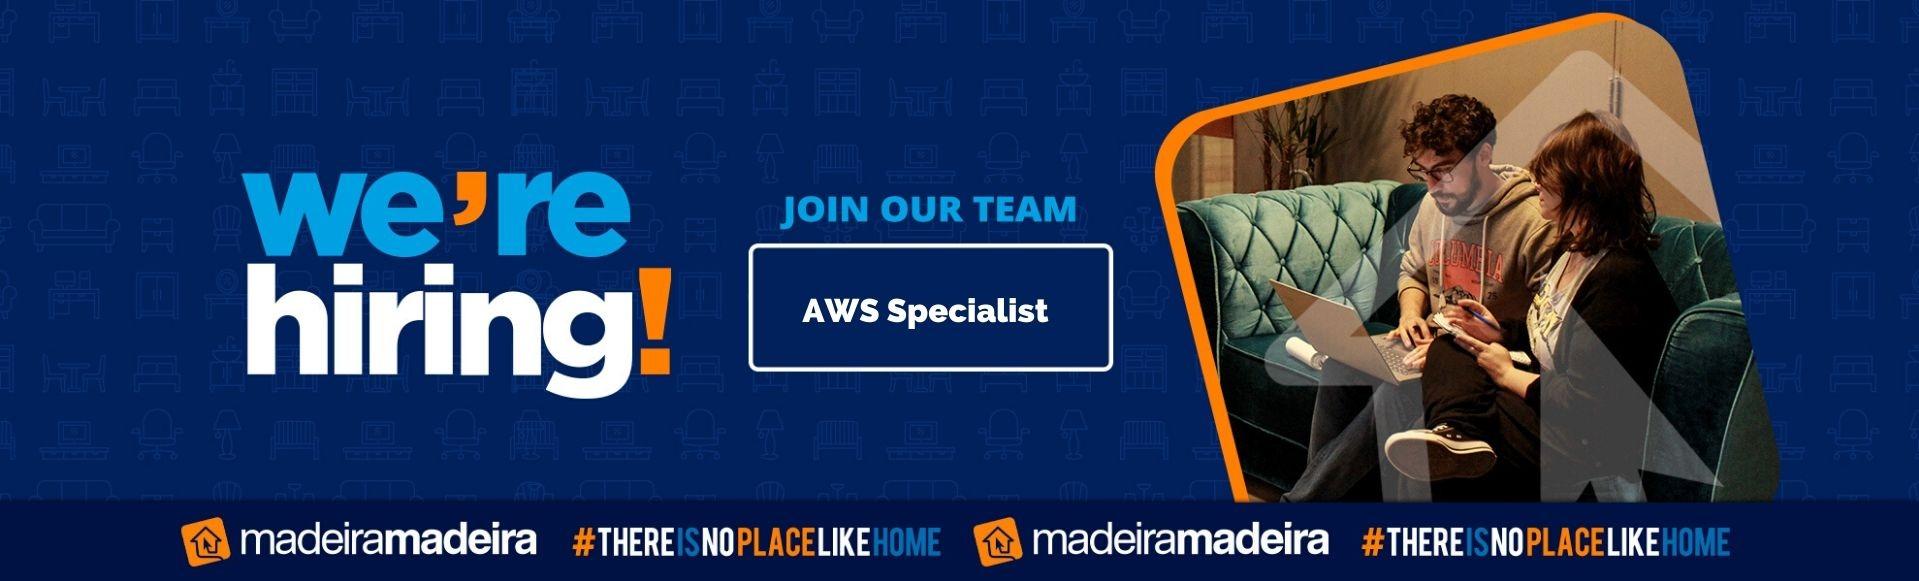 AWS Specialist